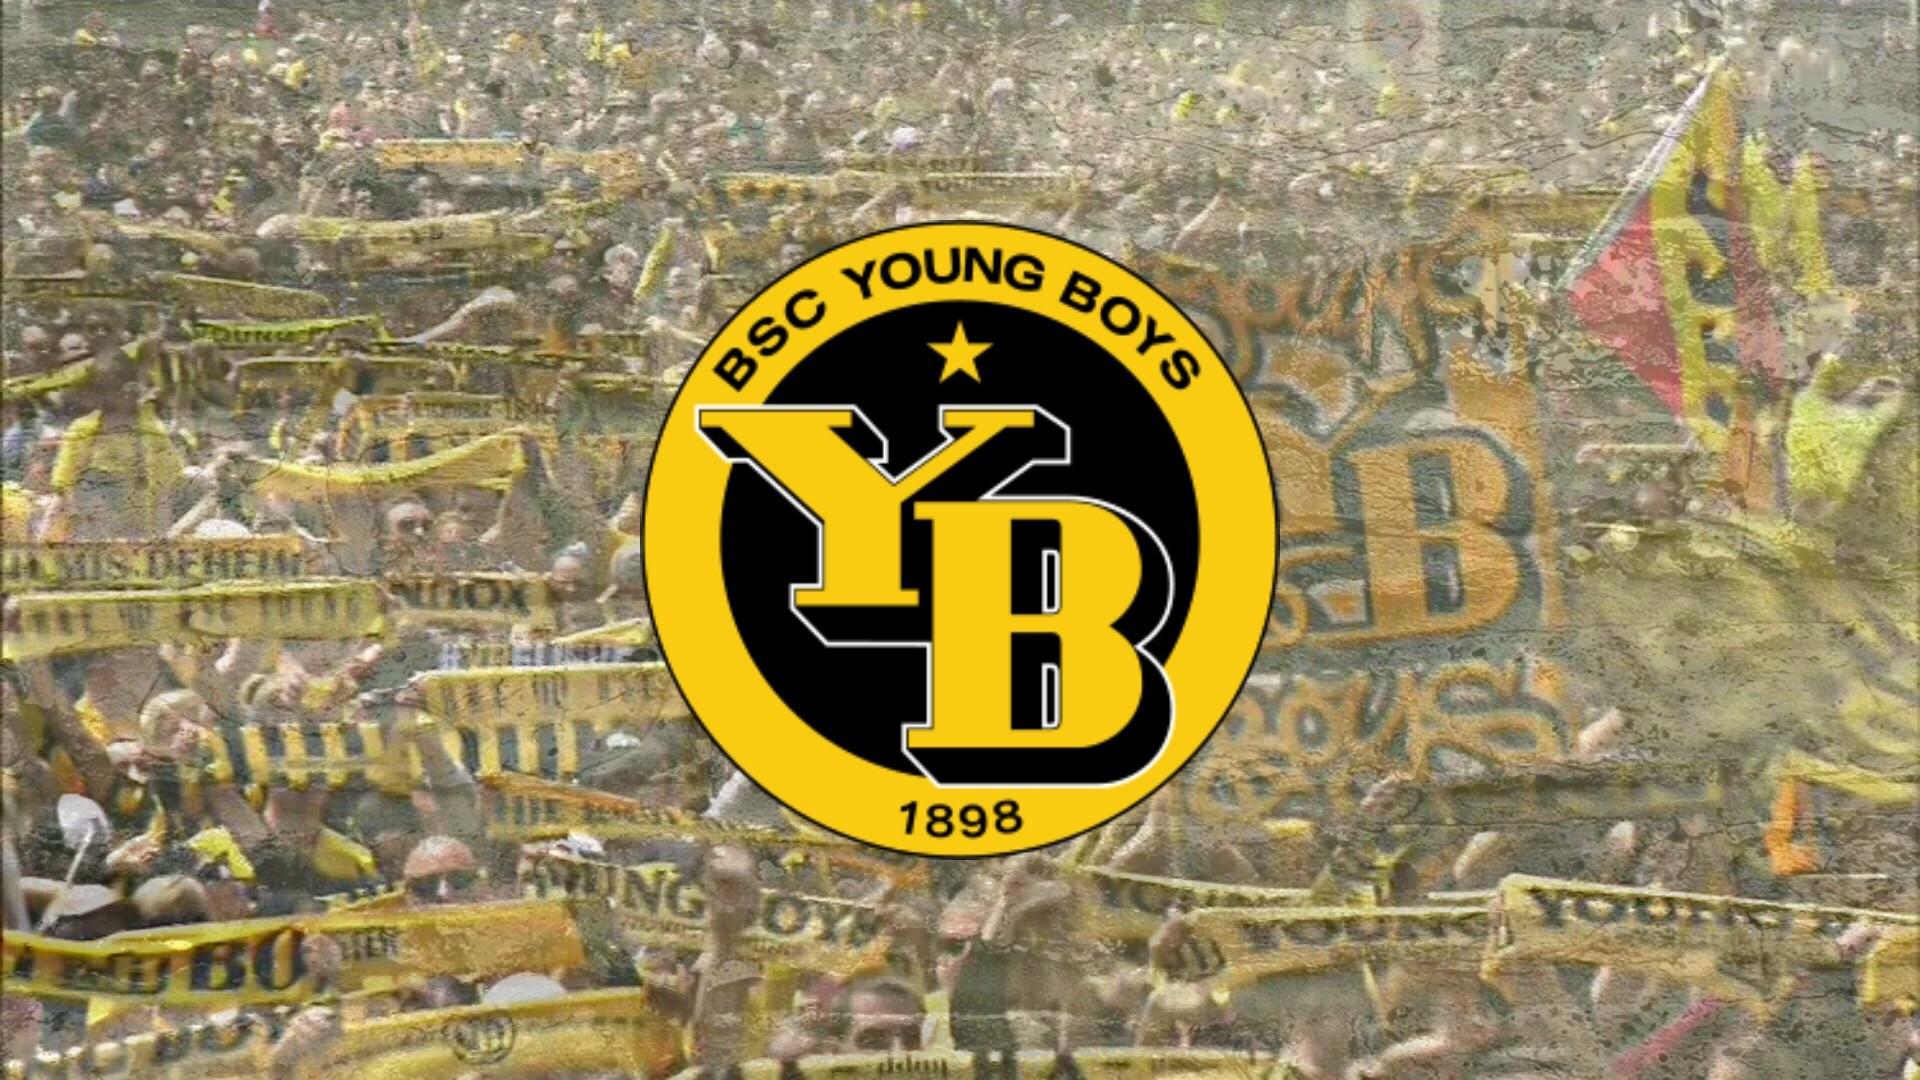 Antologia sukcesu Young Boys Berno